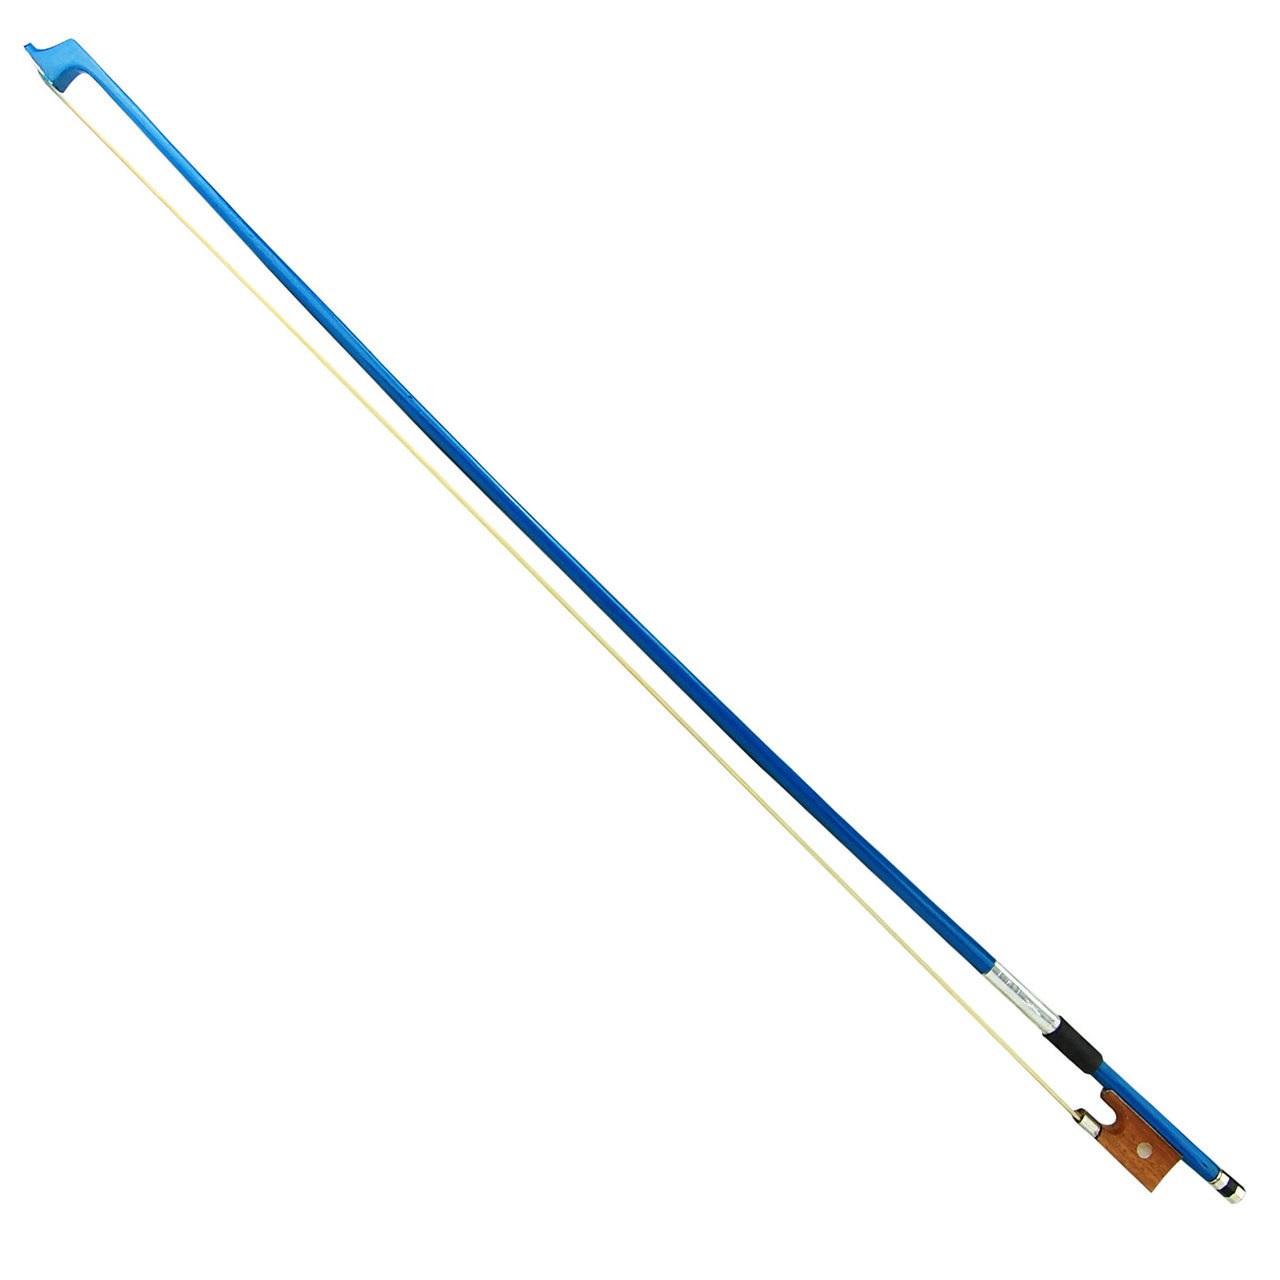 4/4 Size Blue Stick Violin Bow for Student, Beginner, Starter, Adult